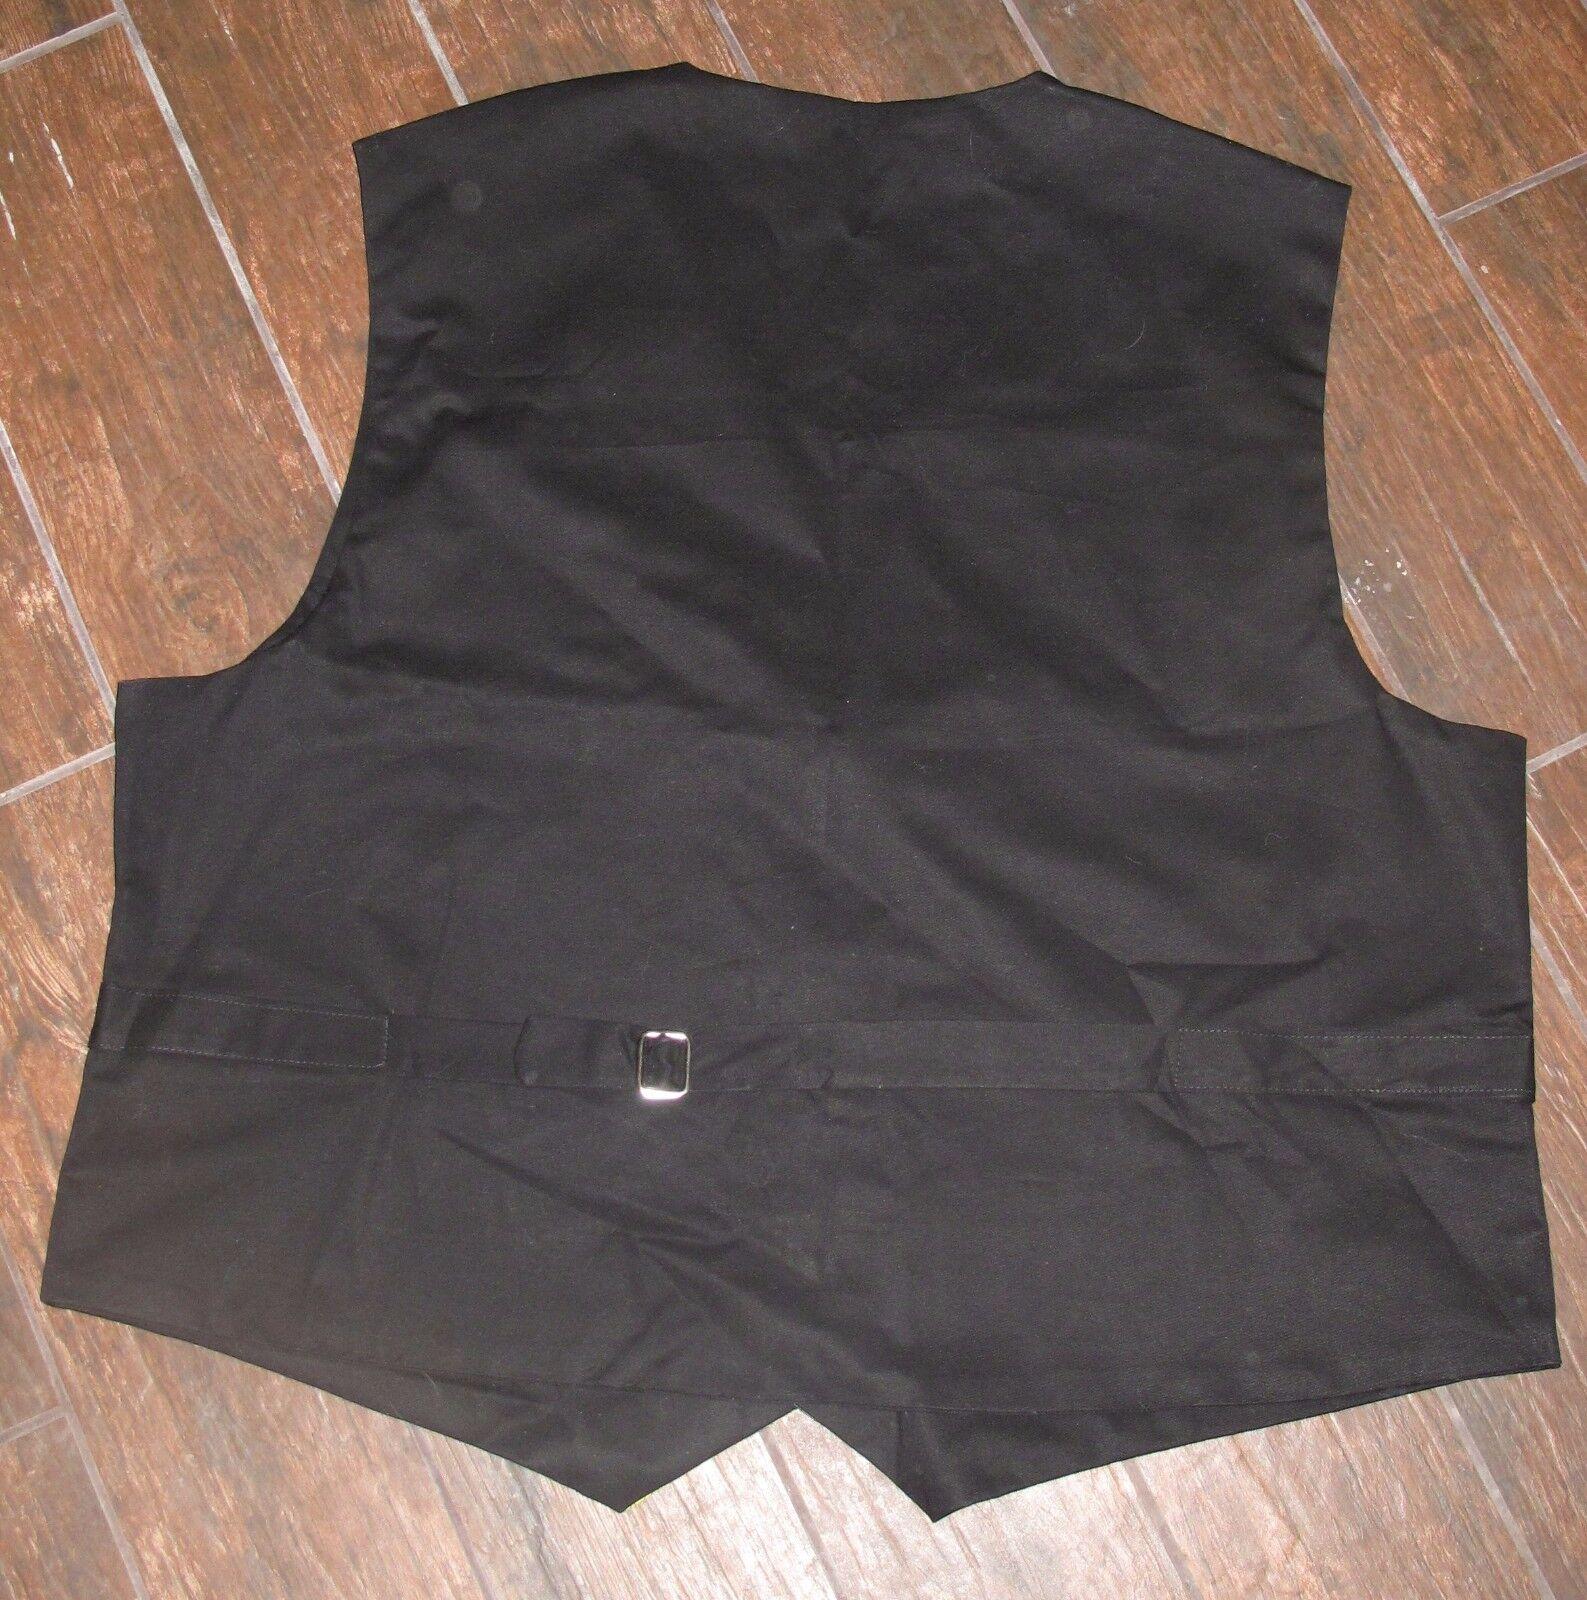 Star Wars blu prints Uomo sporty vest in 10 10 in sizes 41412f